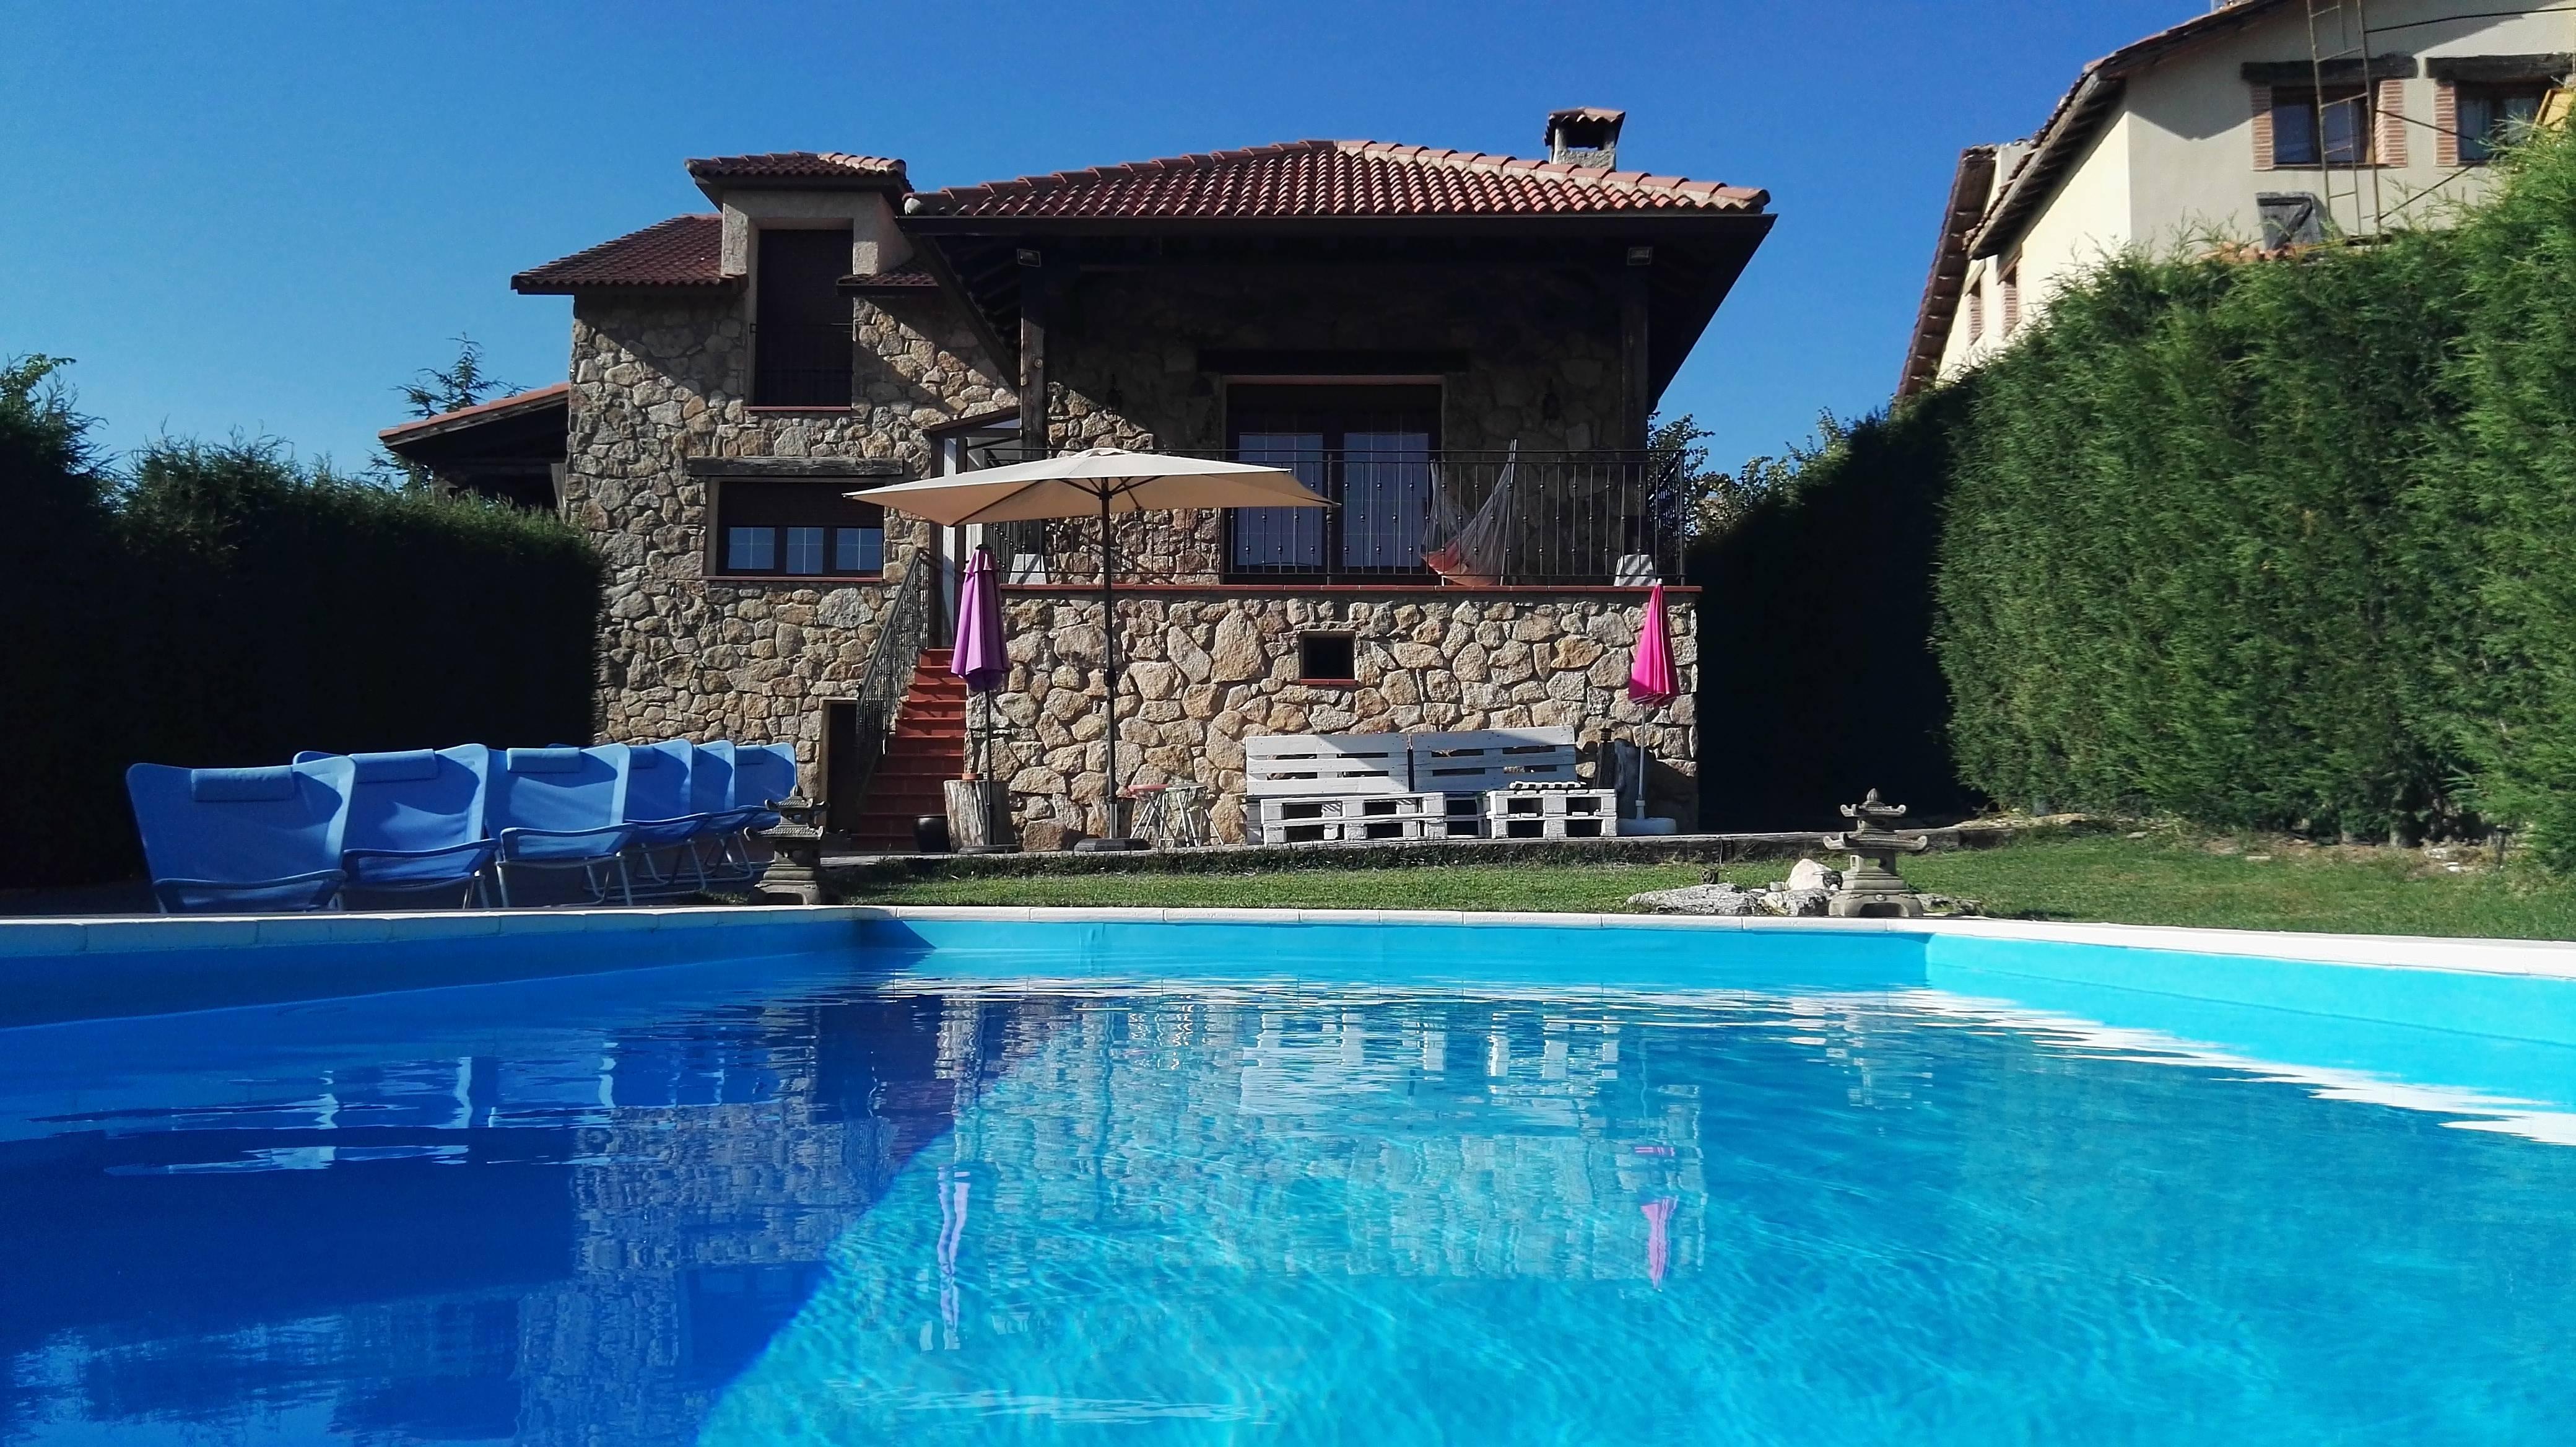 Precioso chalet con piscina en segovia otero de herreros segovia - Piscina climatizada segovia ...